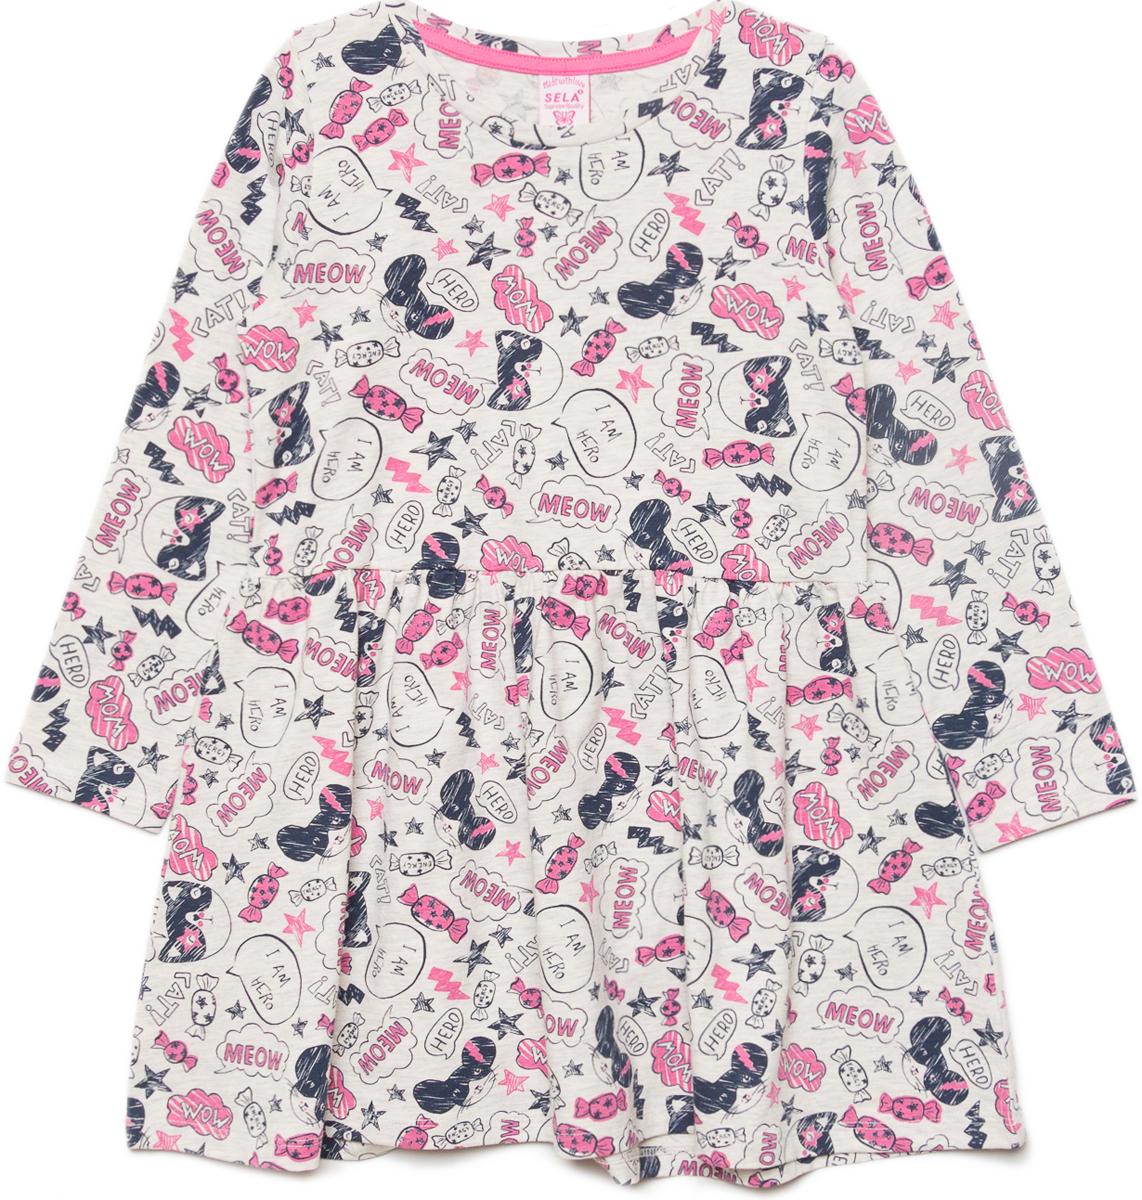 Платье для девочки Sela, цвет: светло-серый меланж. DK-517/432-8121. Размер 110, 5 лет